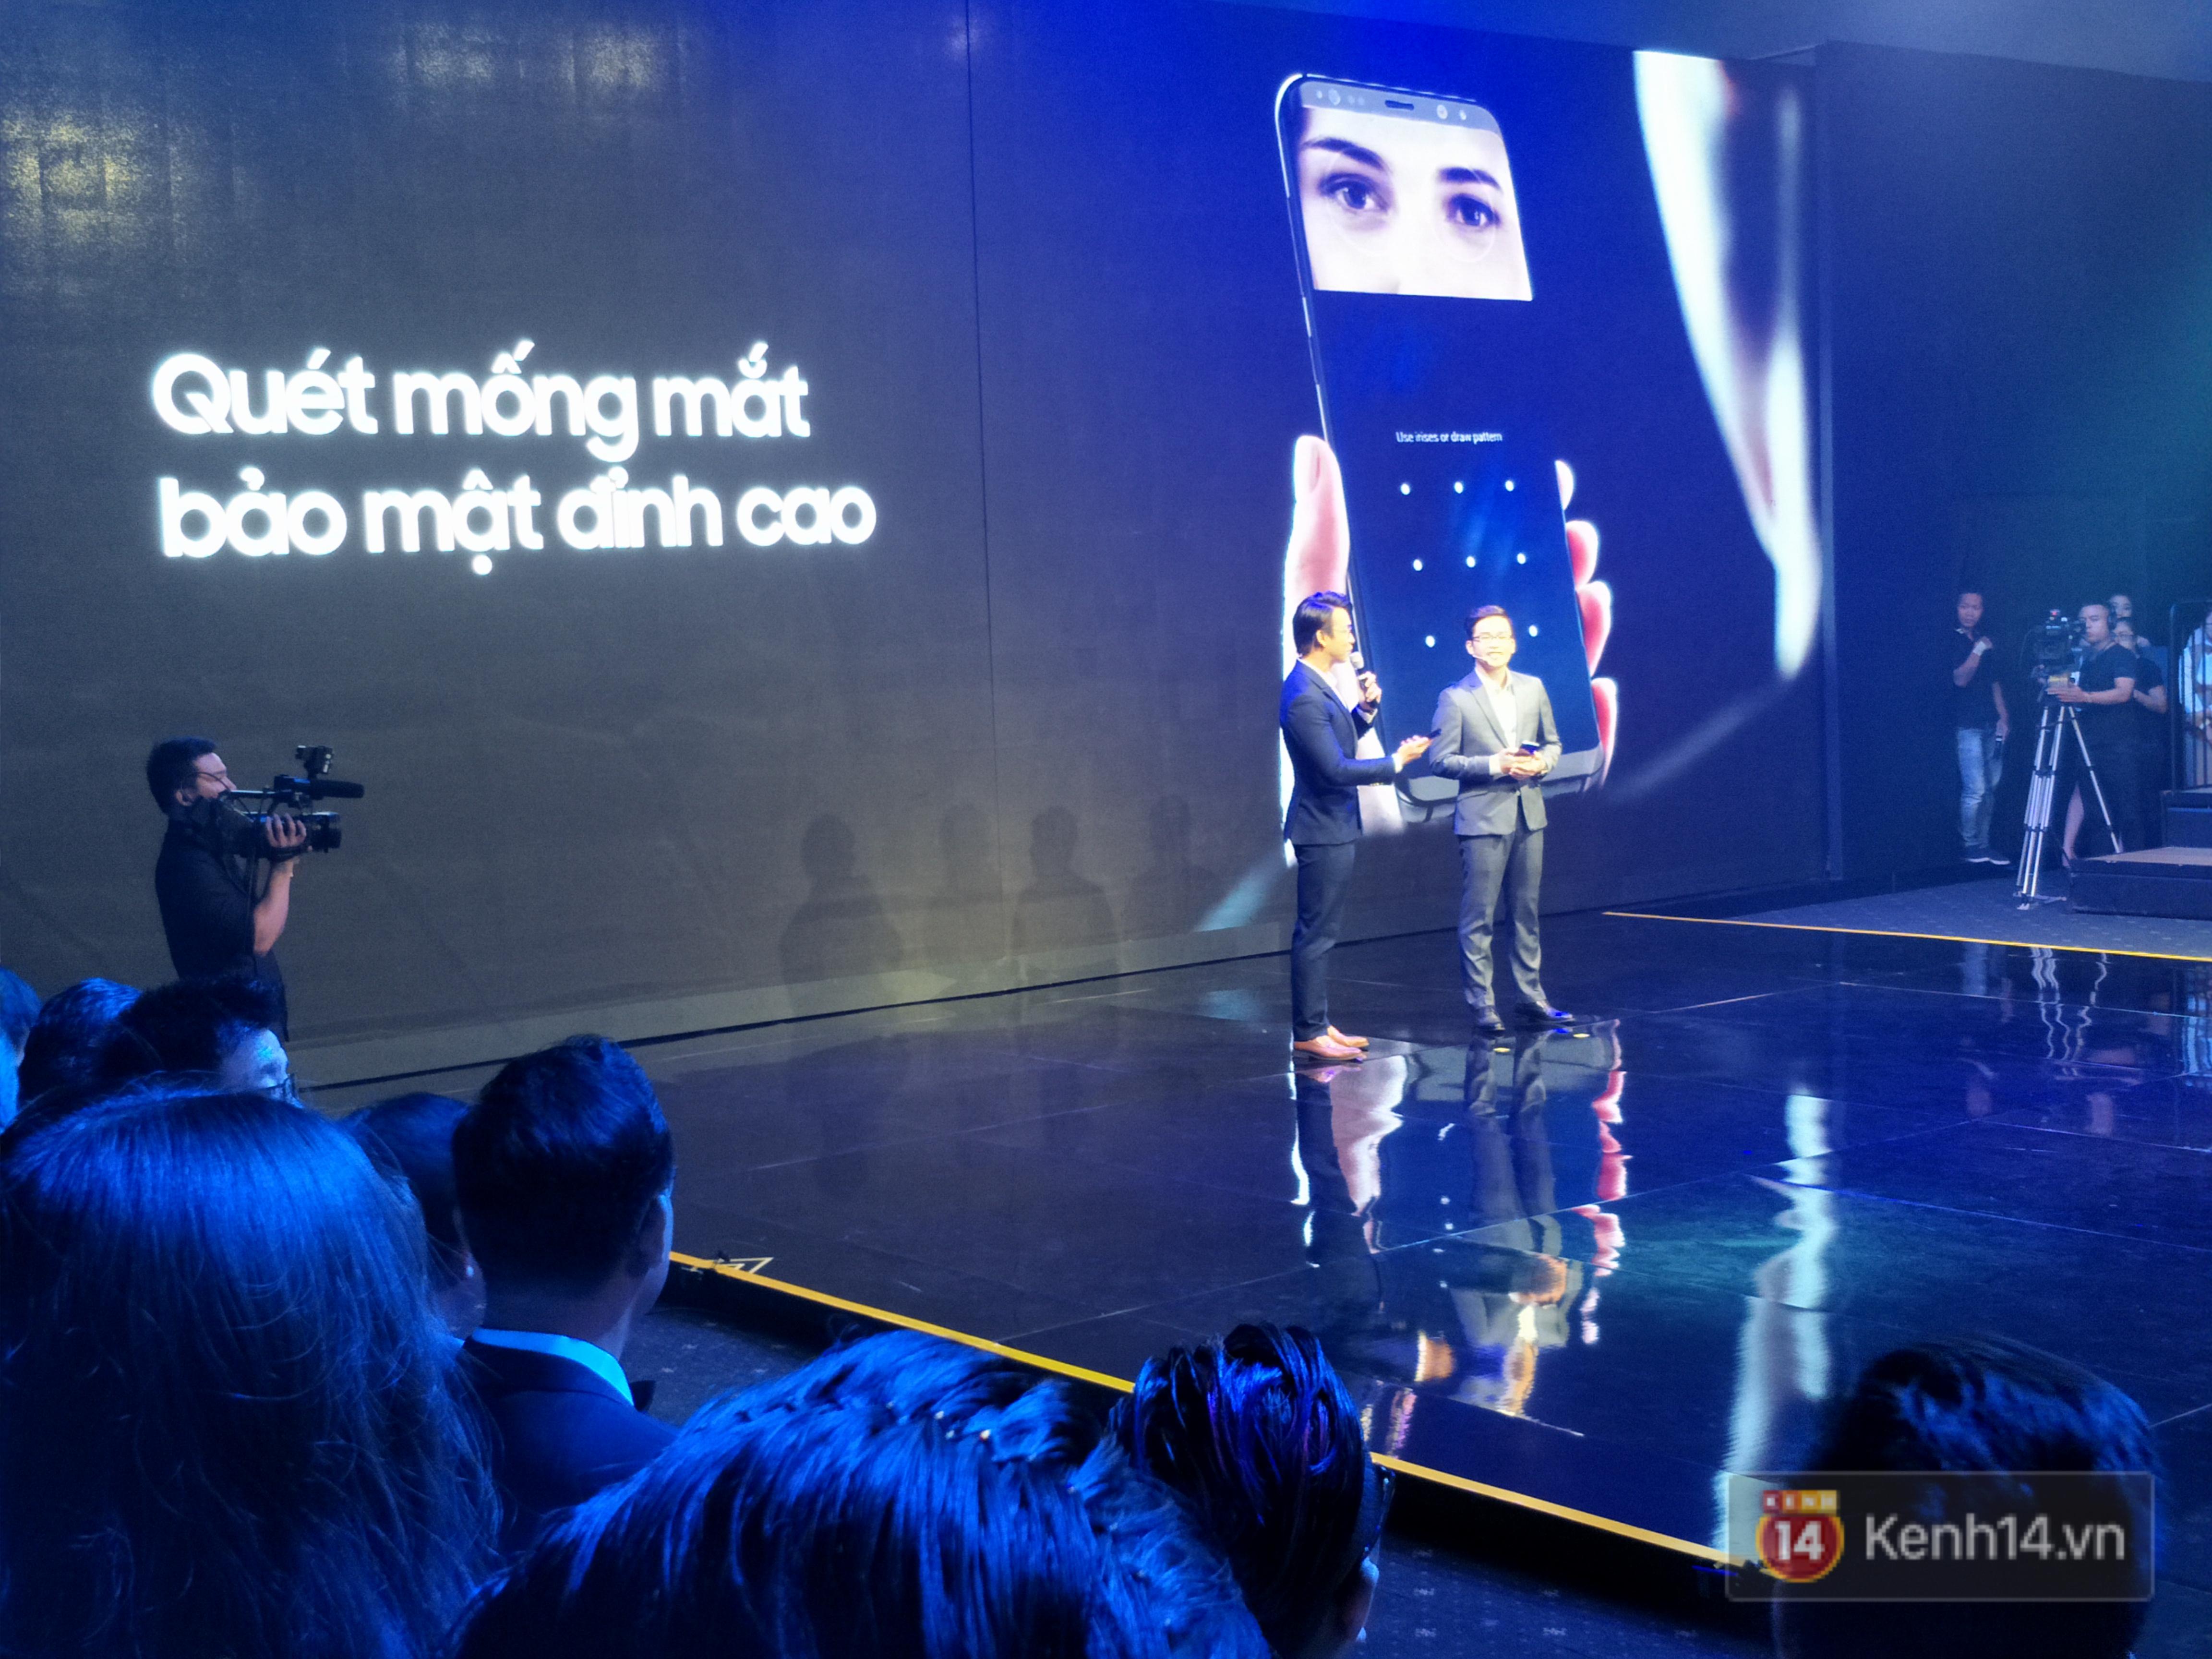 Toàn cảnh sự kiện Samsung Galaxy S8 chính thức ra mắt tại Việt Nam - Ảnh 8.